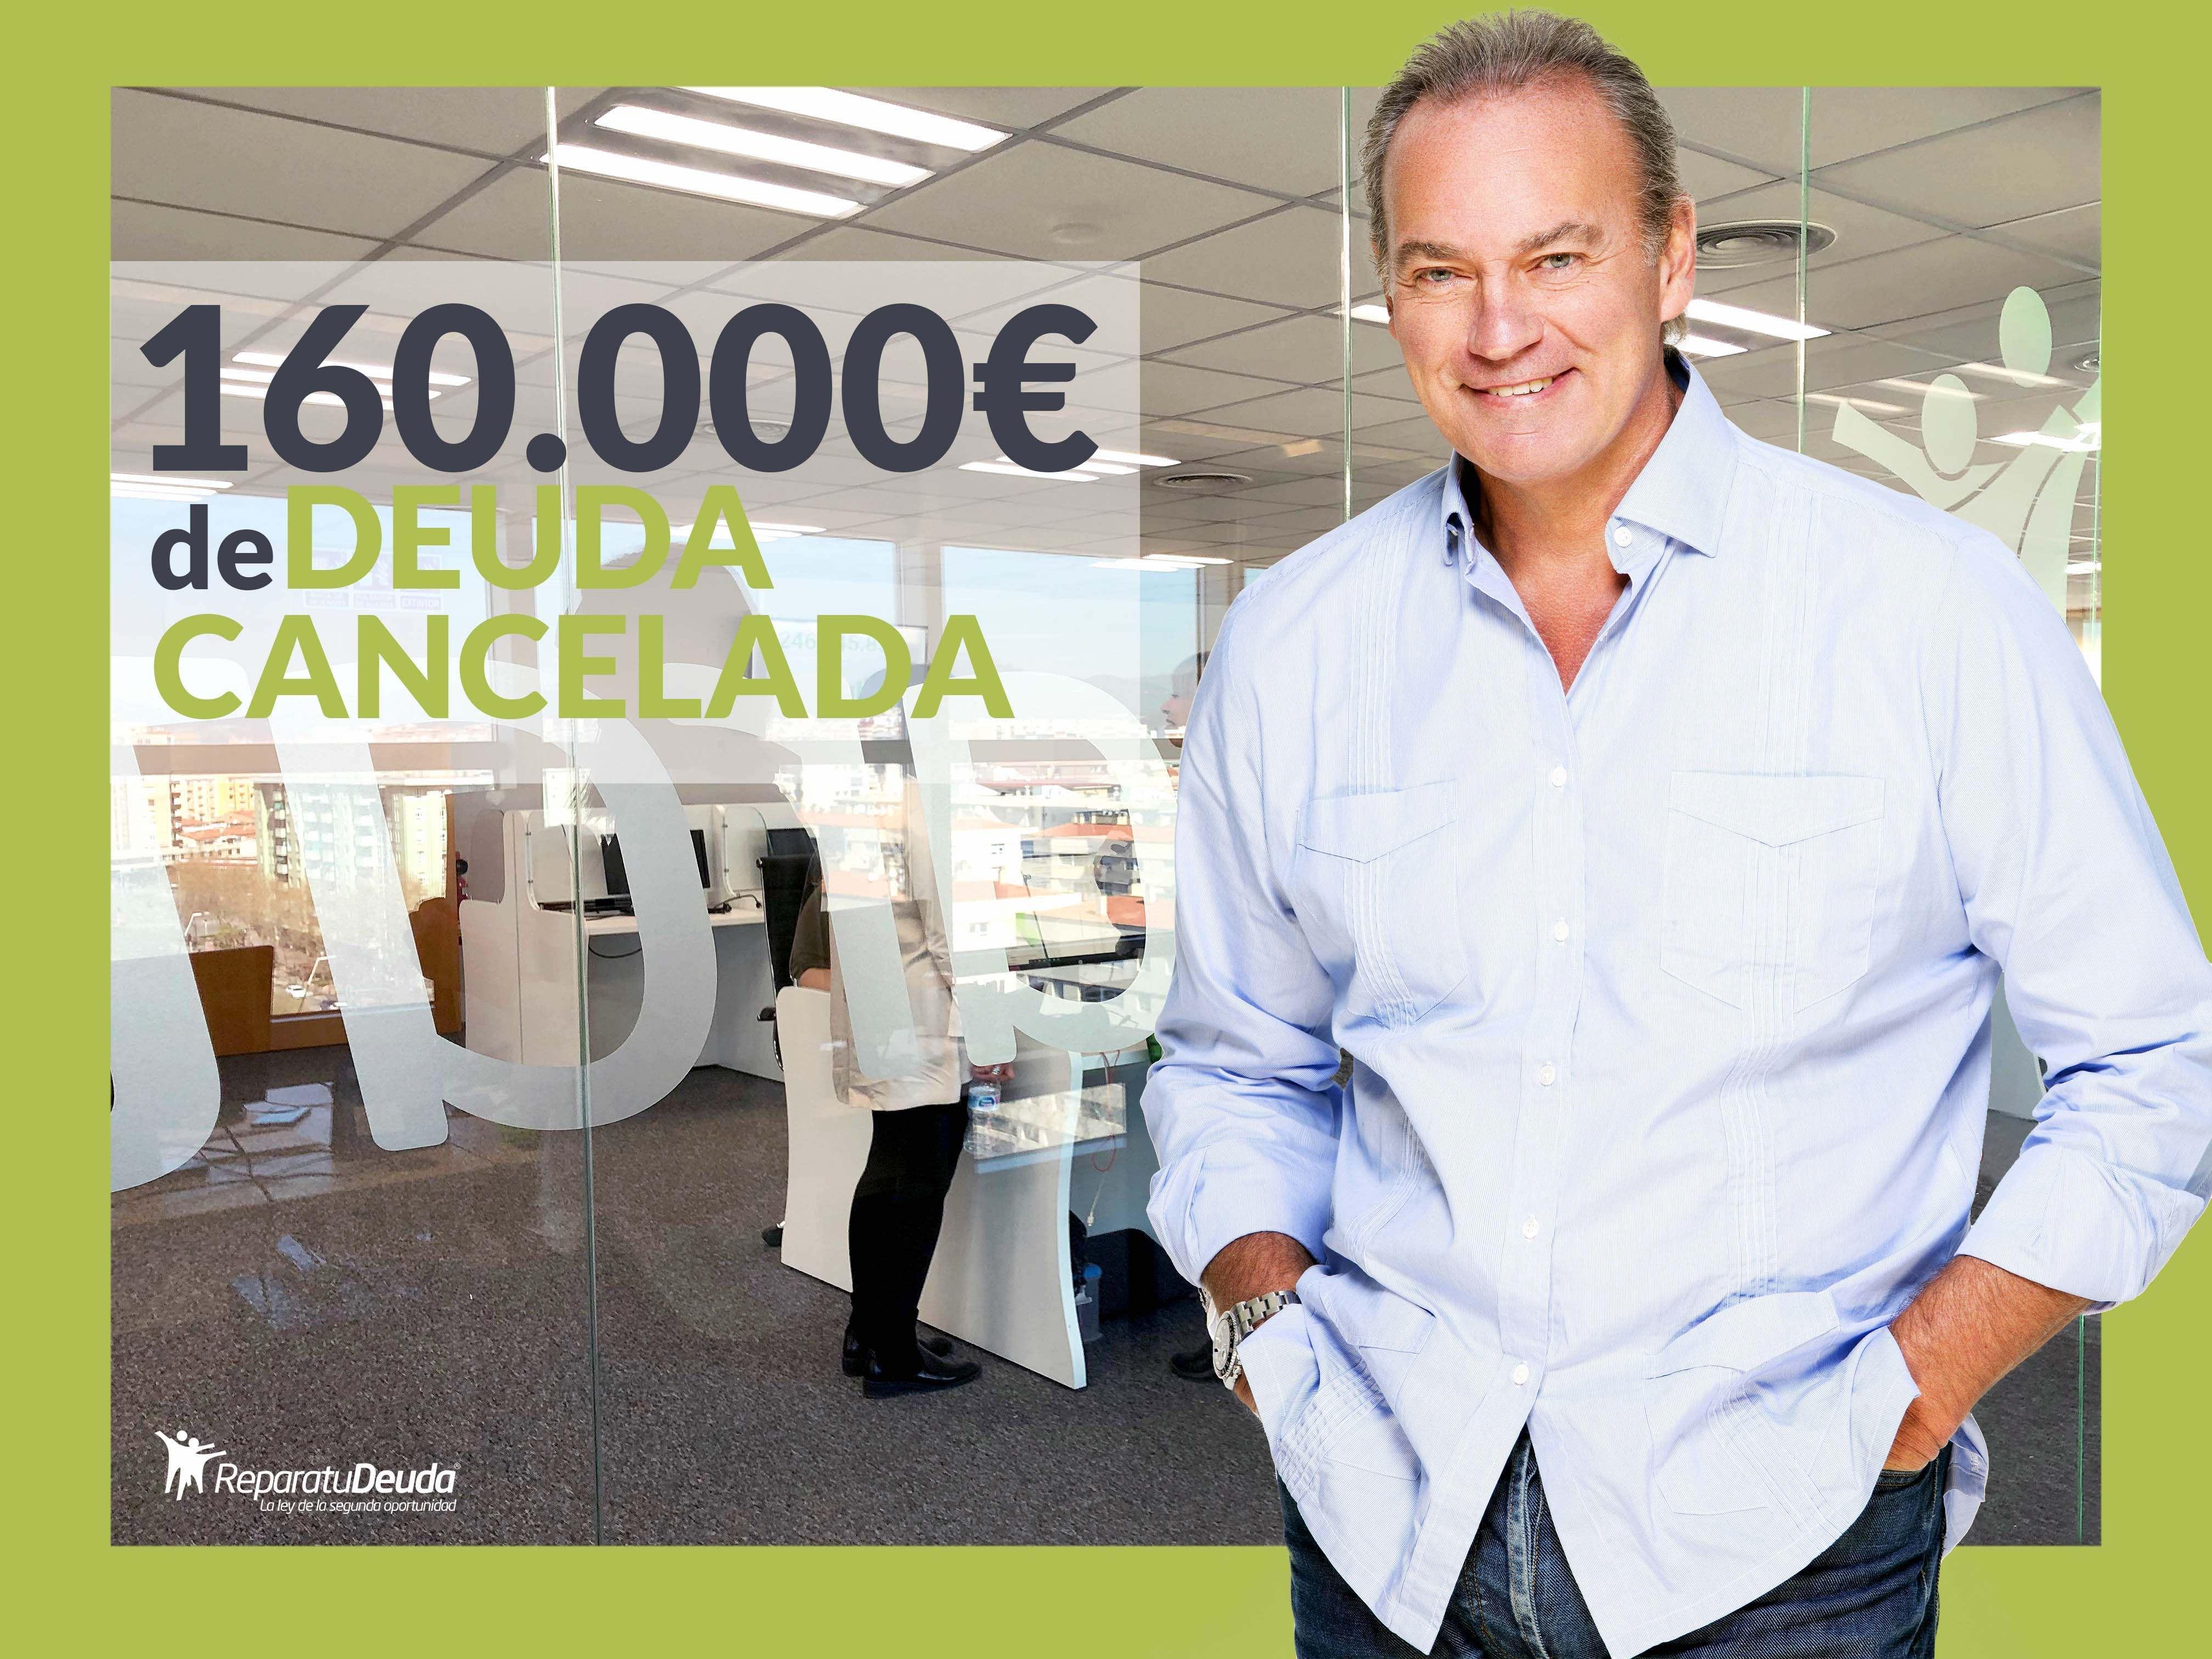 Repara tu Deuda Abogados con Bertin Osborne cancelan 160.000 ? en Madrid con la Ley de Segunda Oportunidad